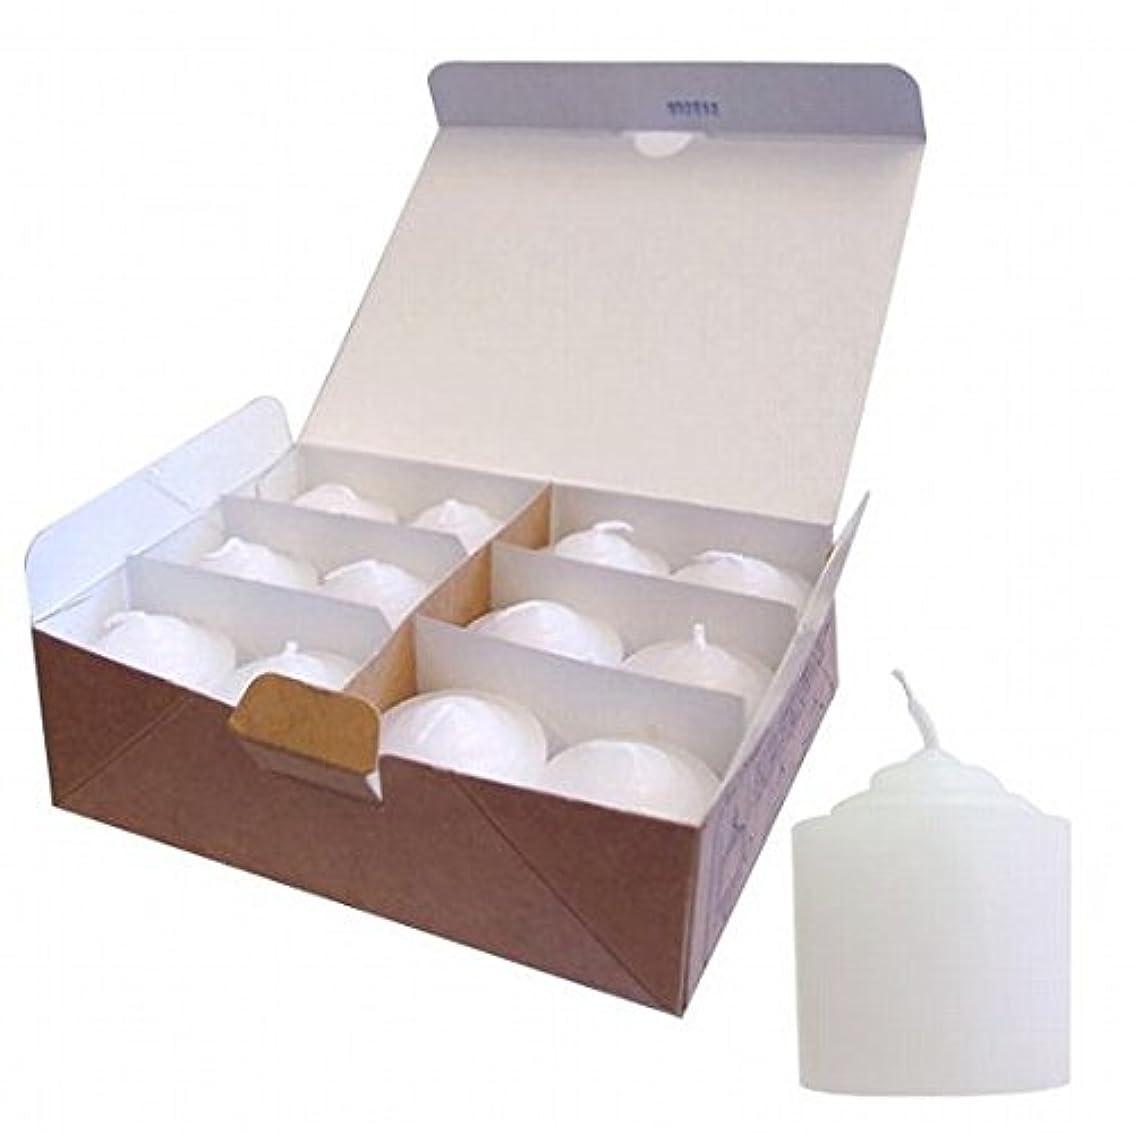 チップアンドリューハリディすべきkameyama candle(カメヤマキャンドル) 8Hライト(8時間タイプ)12個入り(77960088)